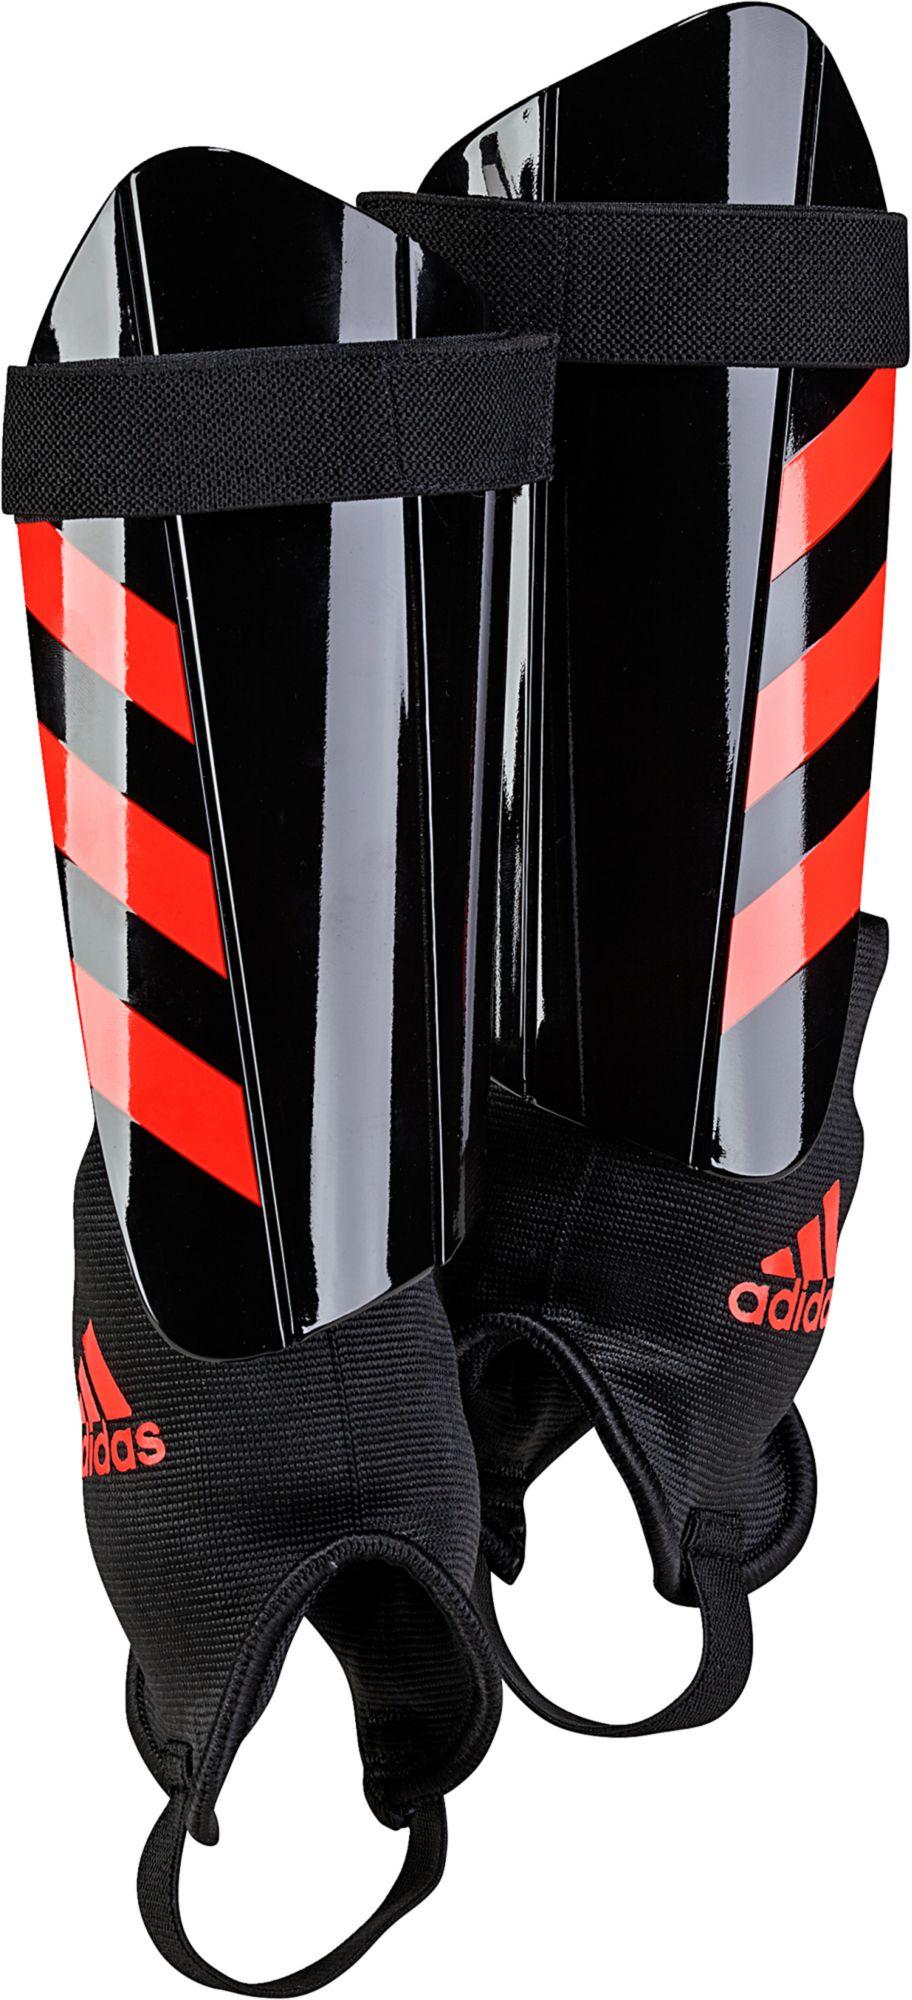 adidas Adult Ghost Club fútbol Espinilleras de Club fútbol adidas | 1f05e46 - immunitetfolie.website